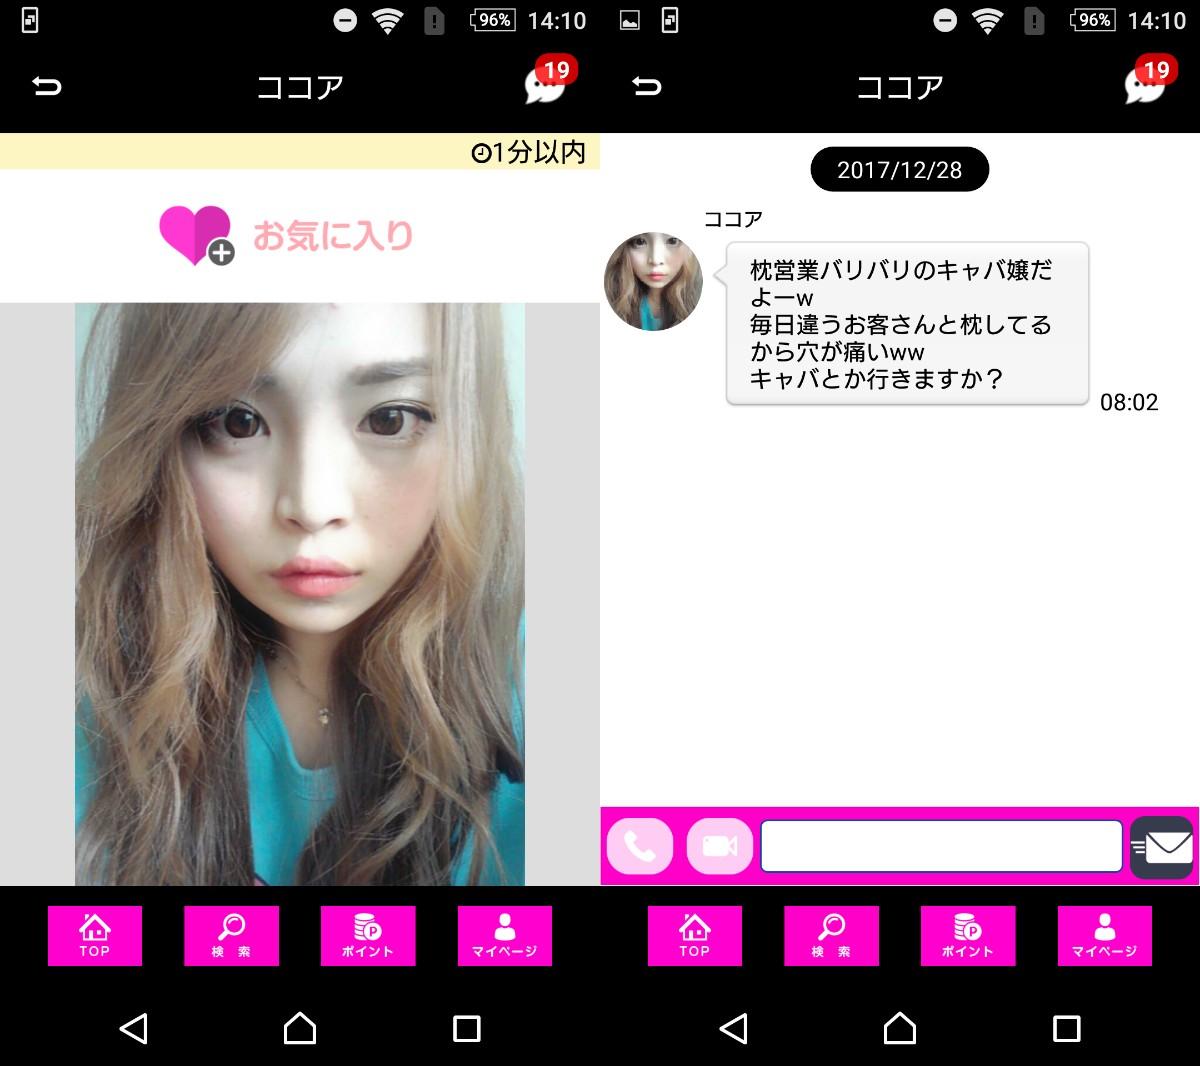 詐欺出会い系アプリ「ビデオ彼女」サクラのココア